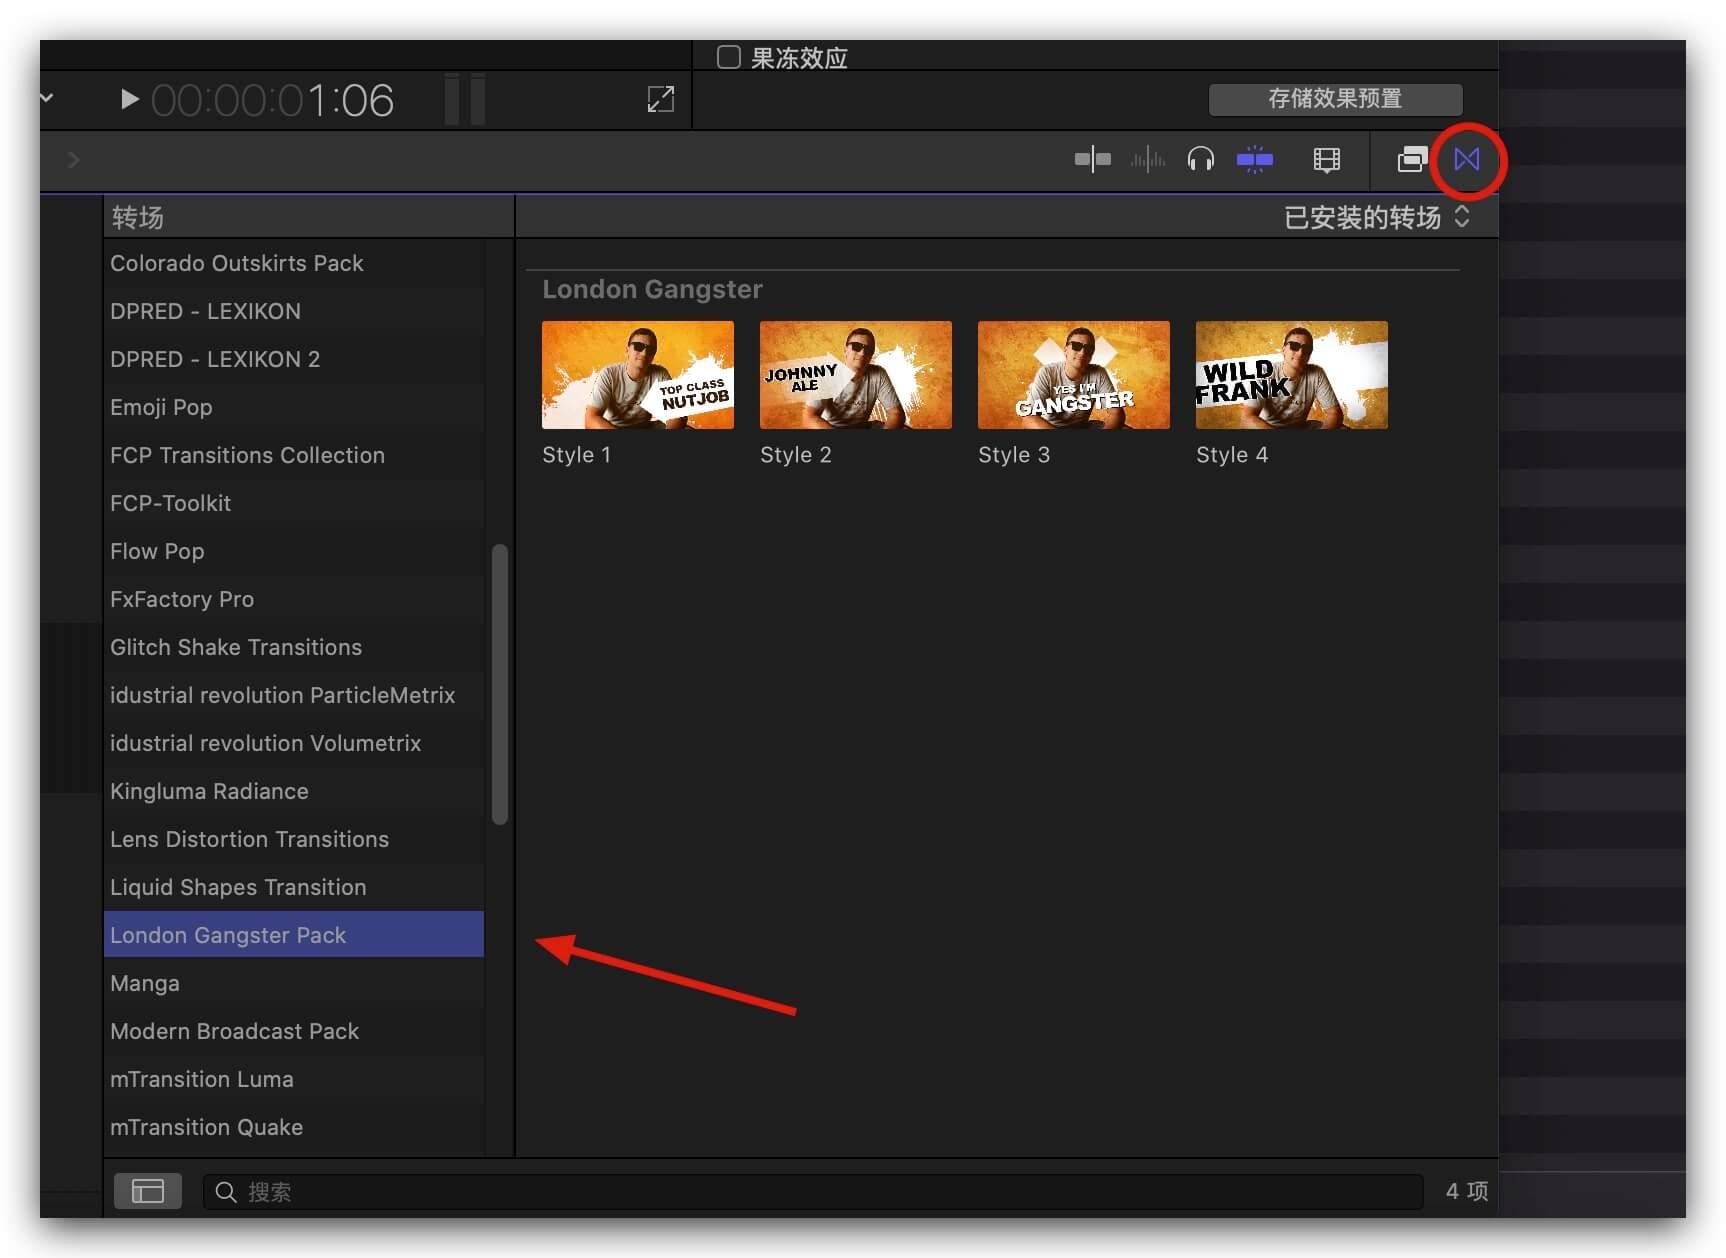 fcpx插件 炫酷动态泼墨效果冻结帧定格转场预设 支持M1 London Gangster Pack